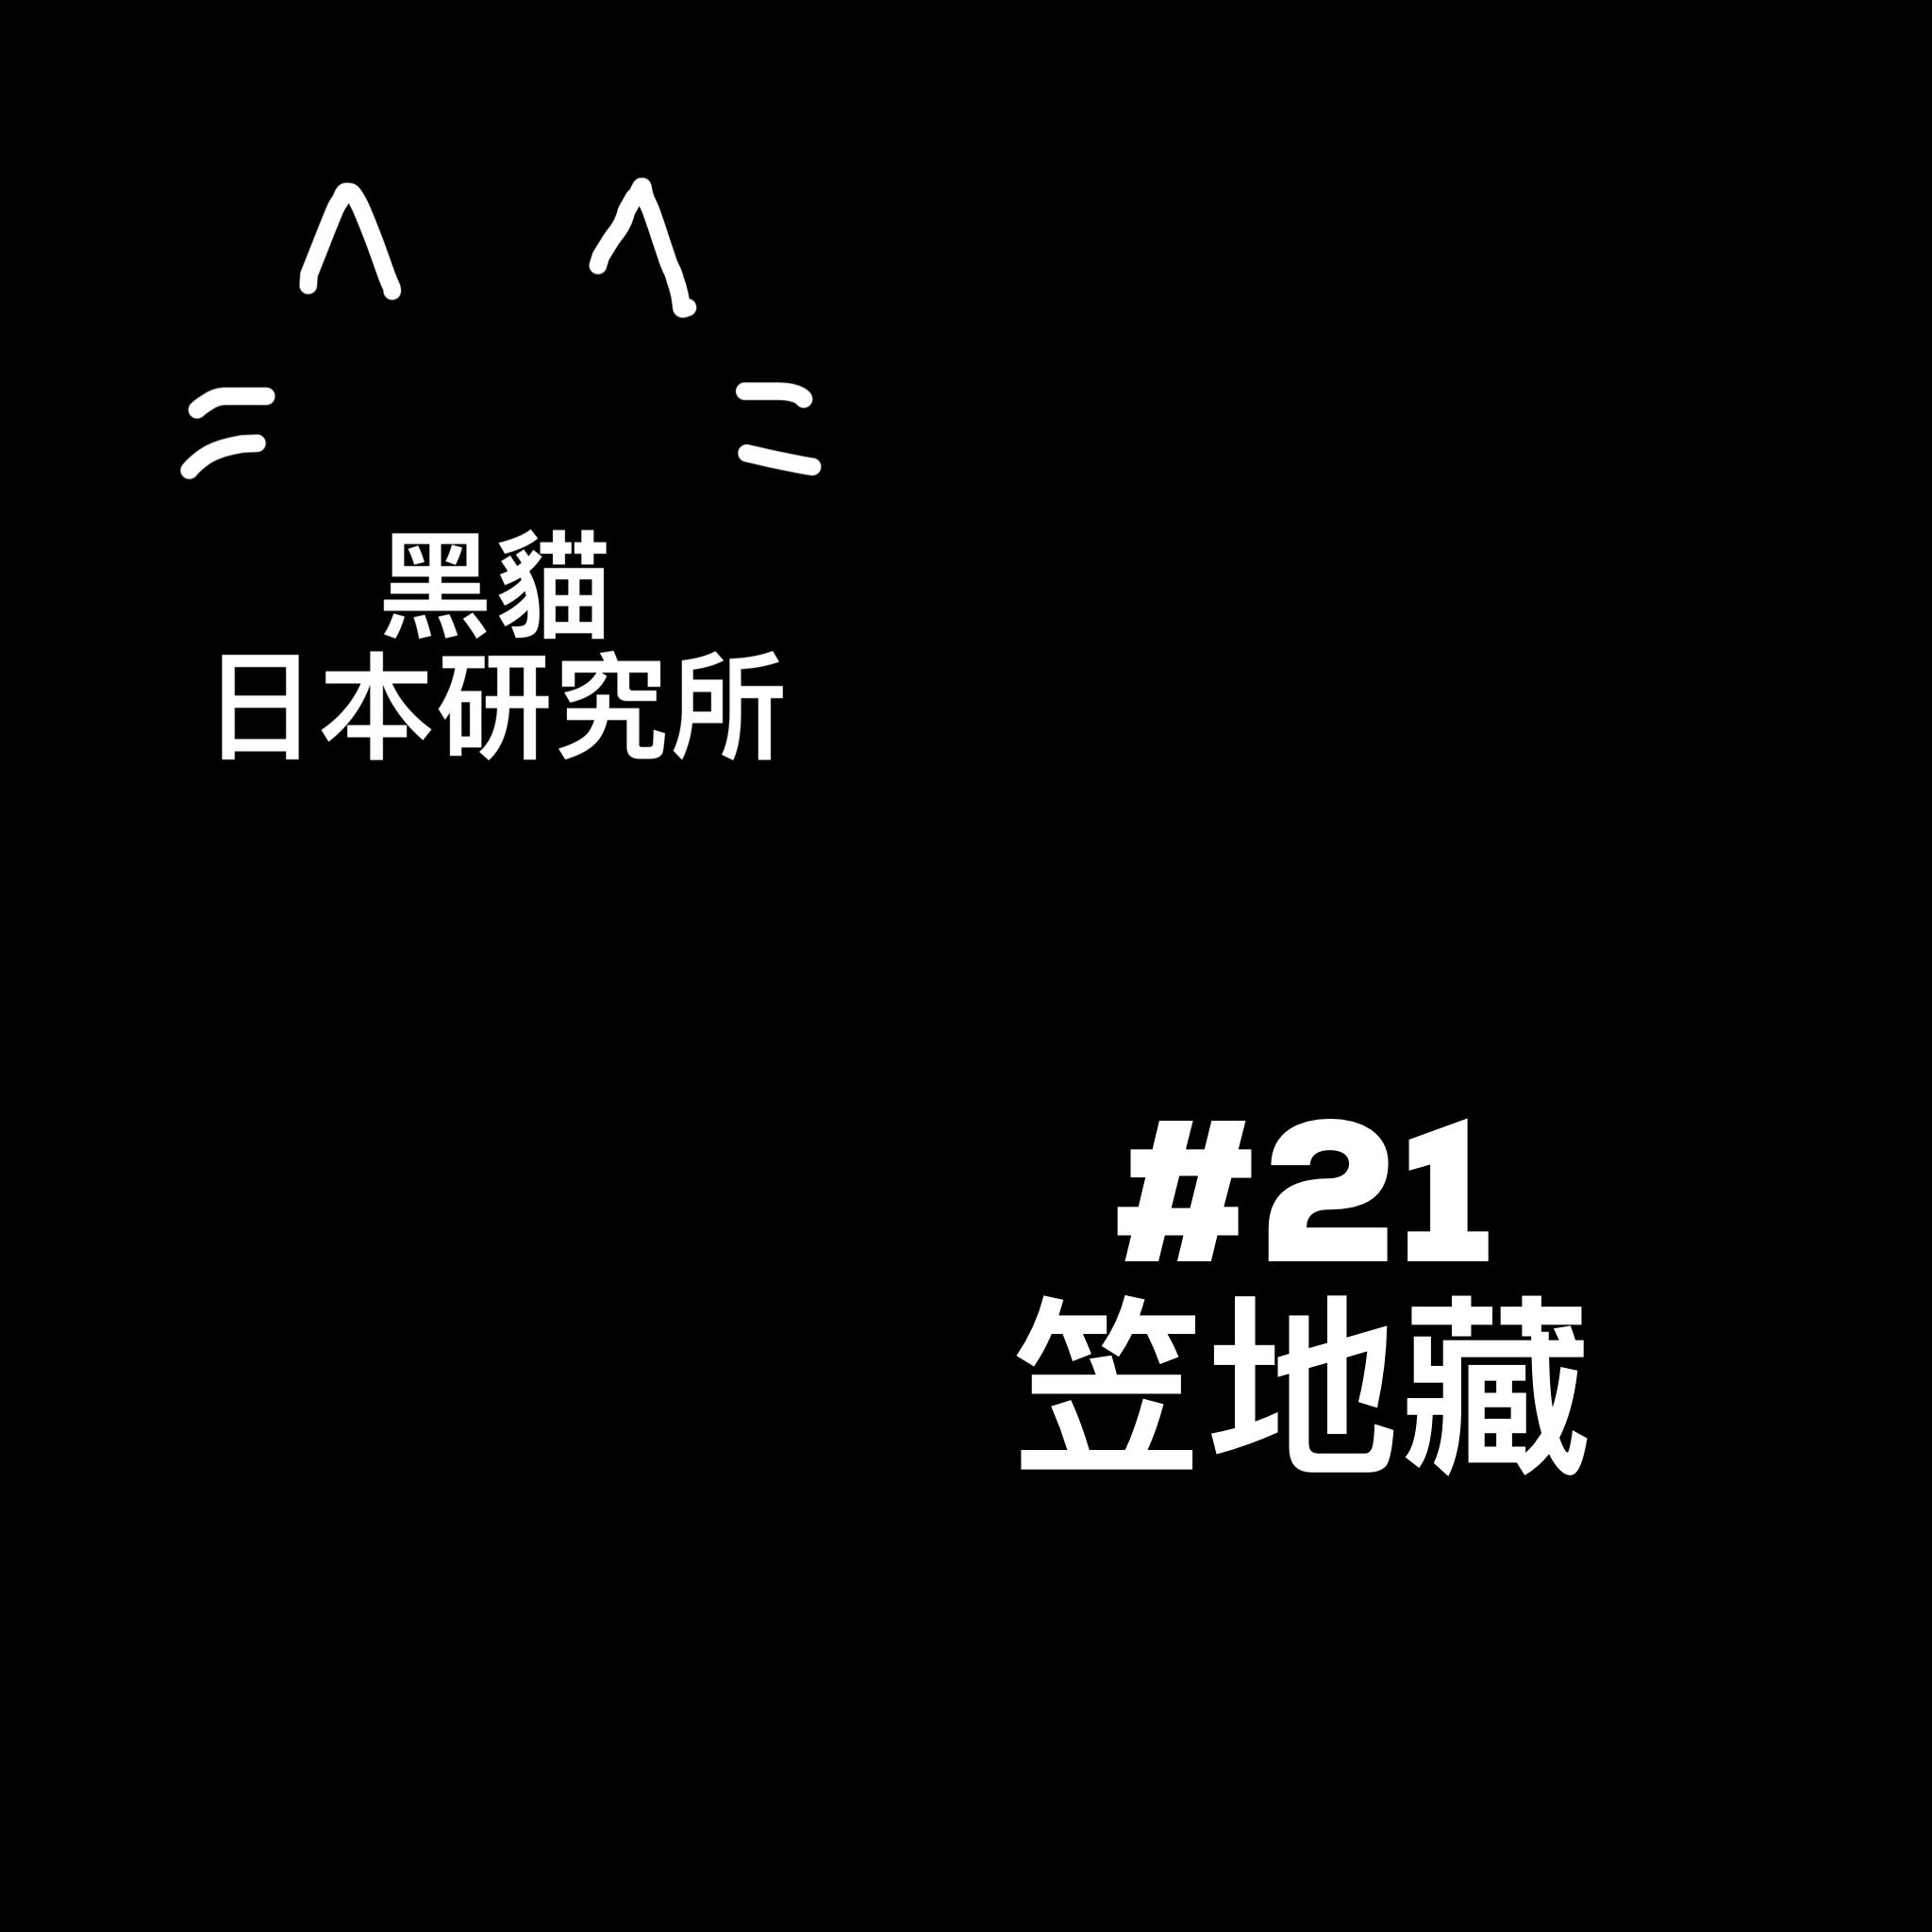 第21集 - 笠地藏